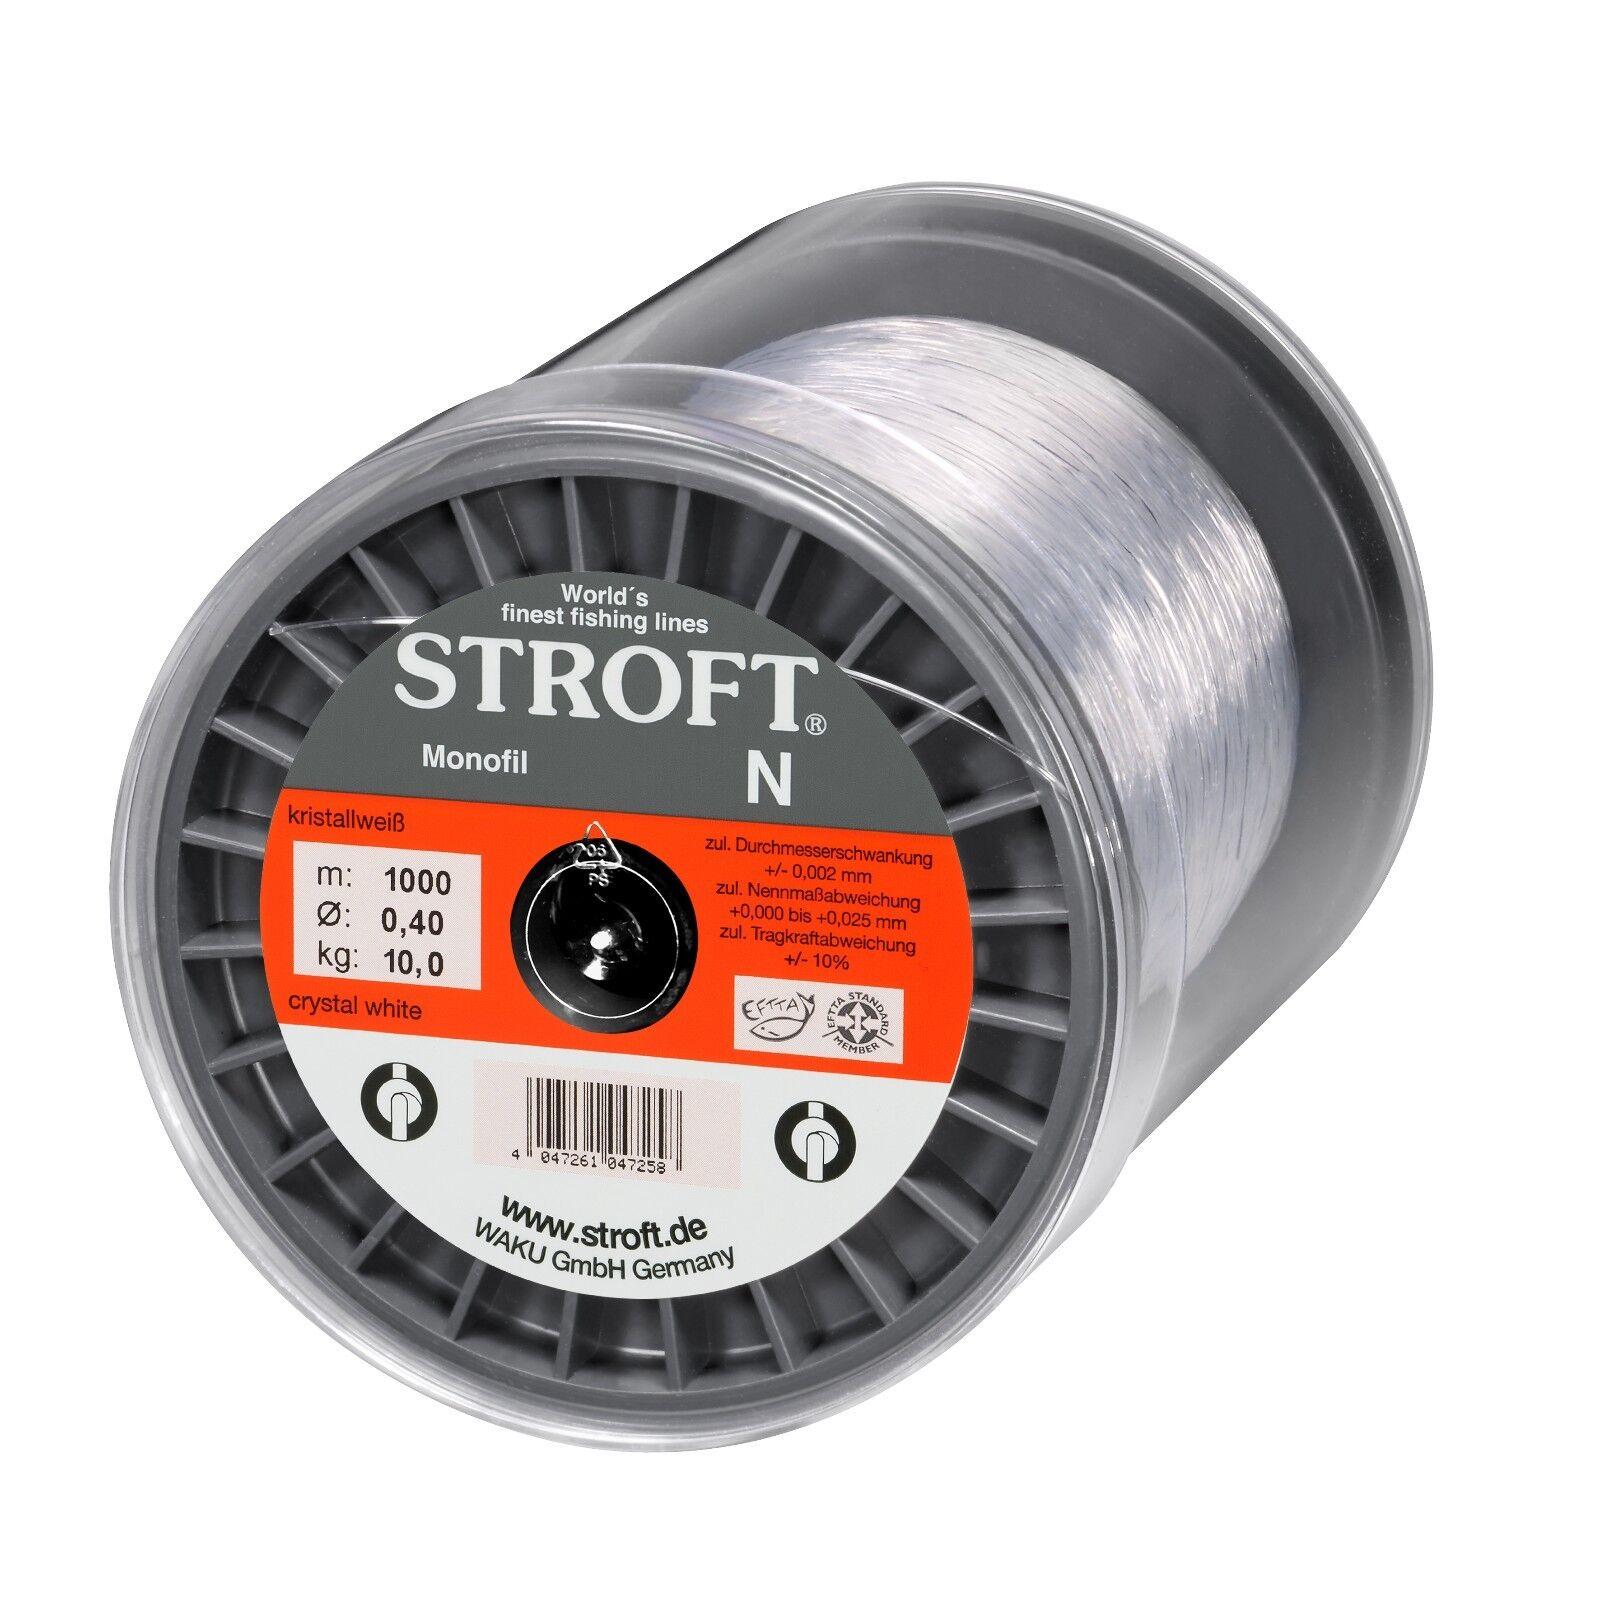 Stroft N Monofile Angelschnur Preis   Leistung Top 500 m + 1000 m Spulen  | Heißer Verkauf